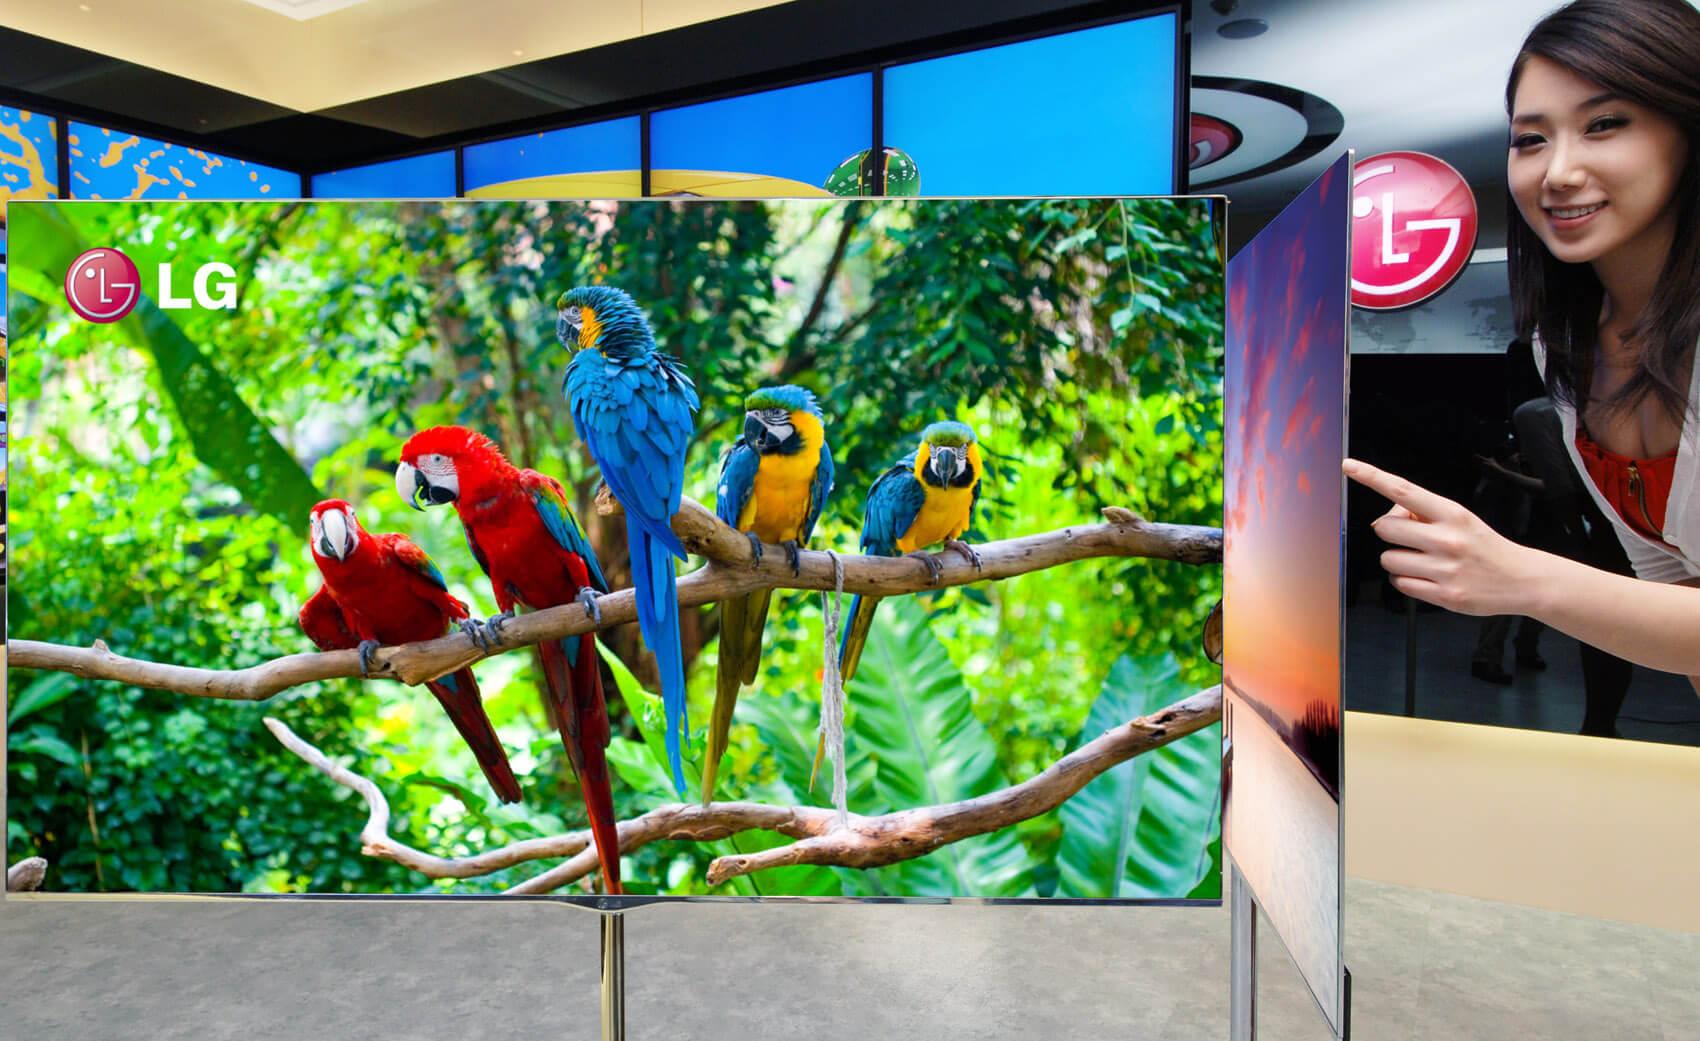 Telewizor OLED. Czym są telewizory OLED? Jaki kupić? Ranking telewizorów OLED 2019!